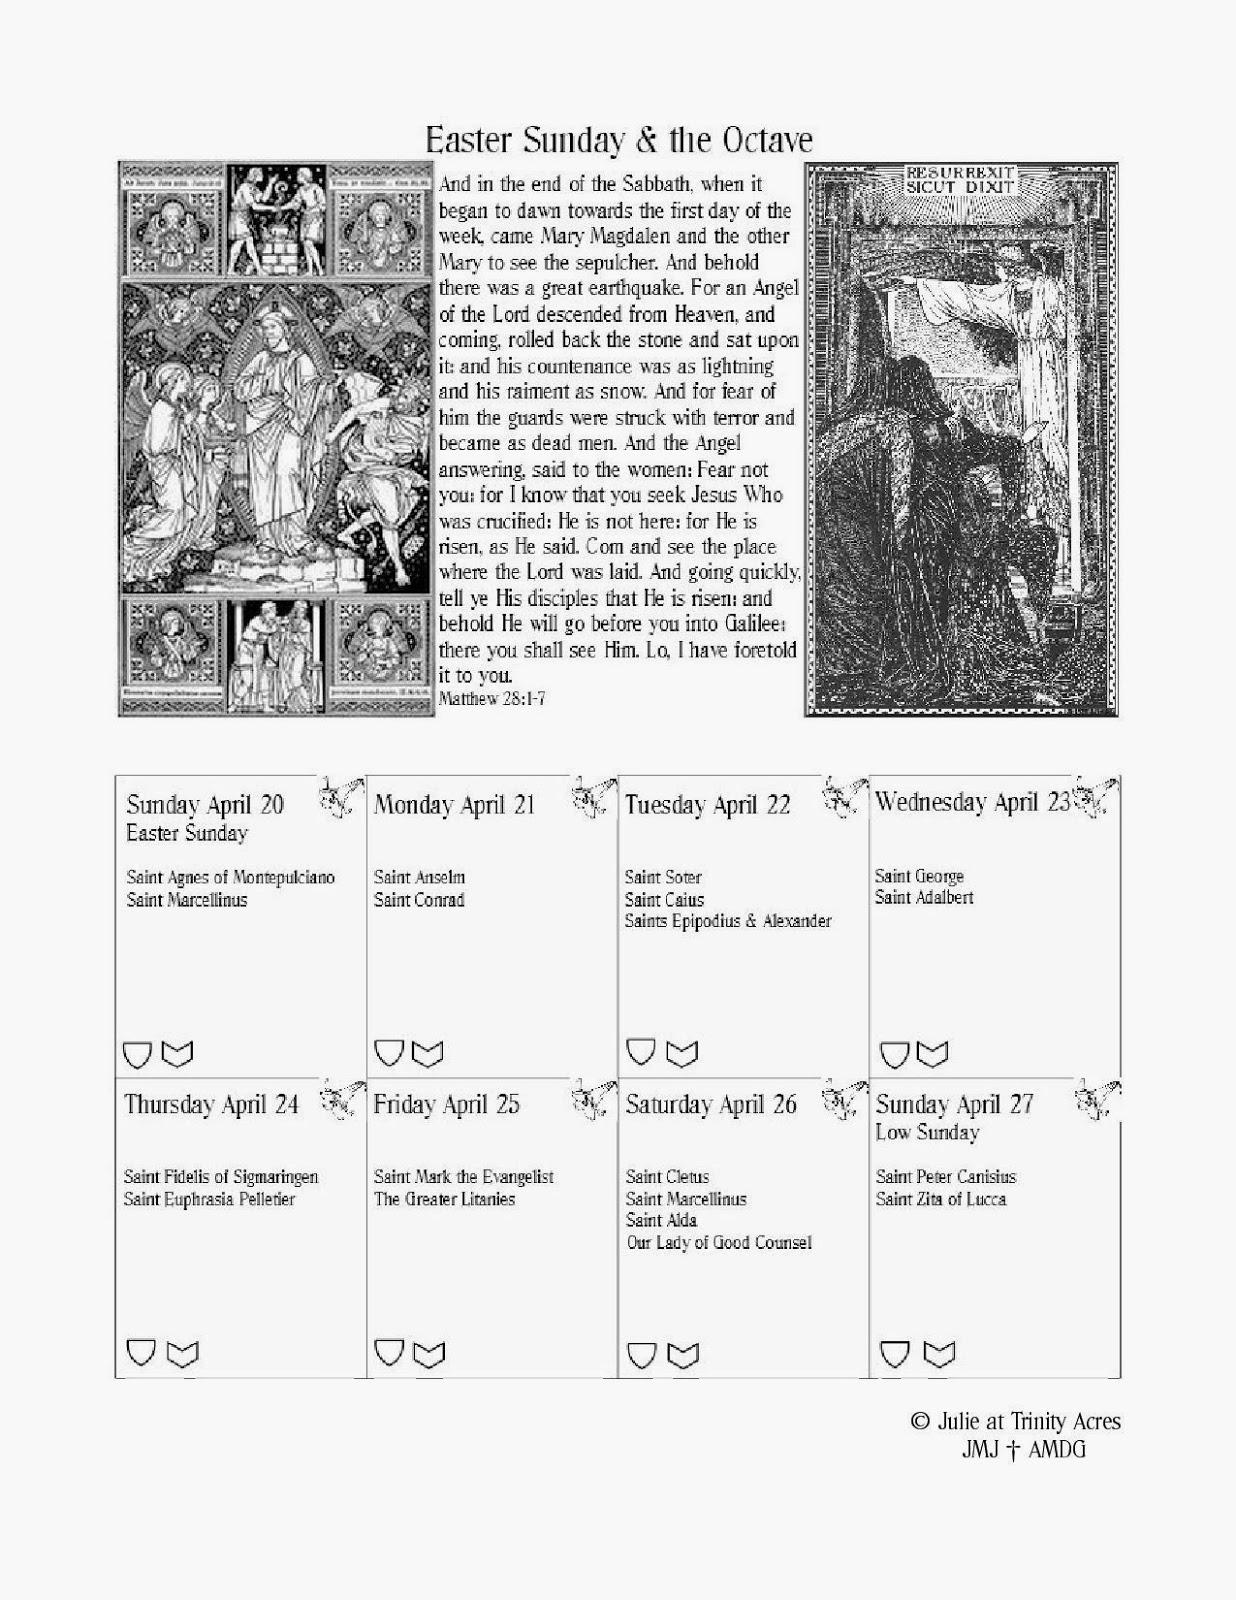 TRINITY ACRES: Lenten Calendar